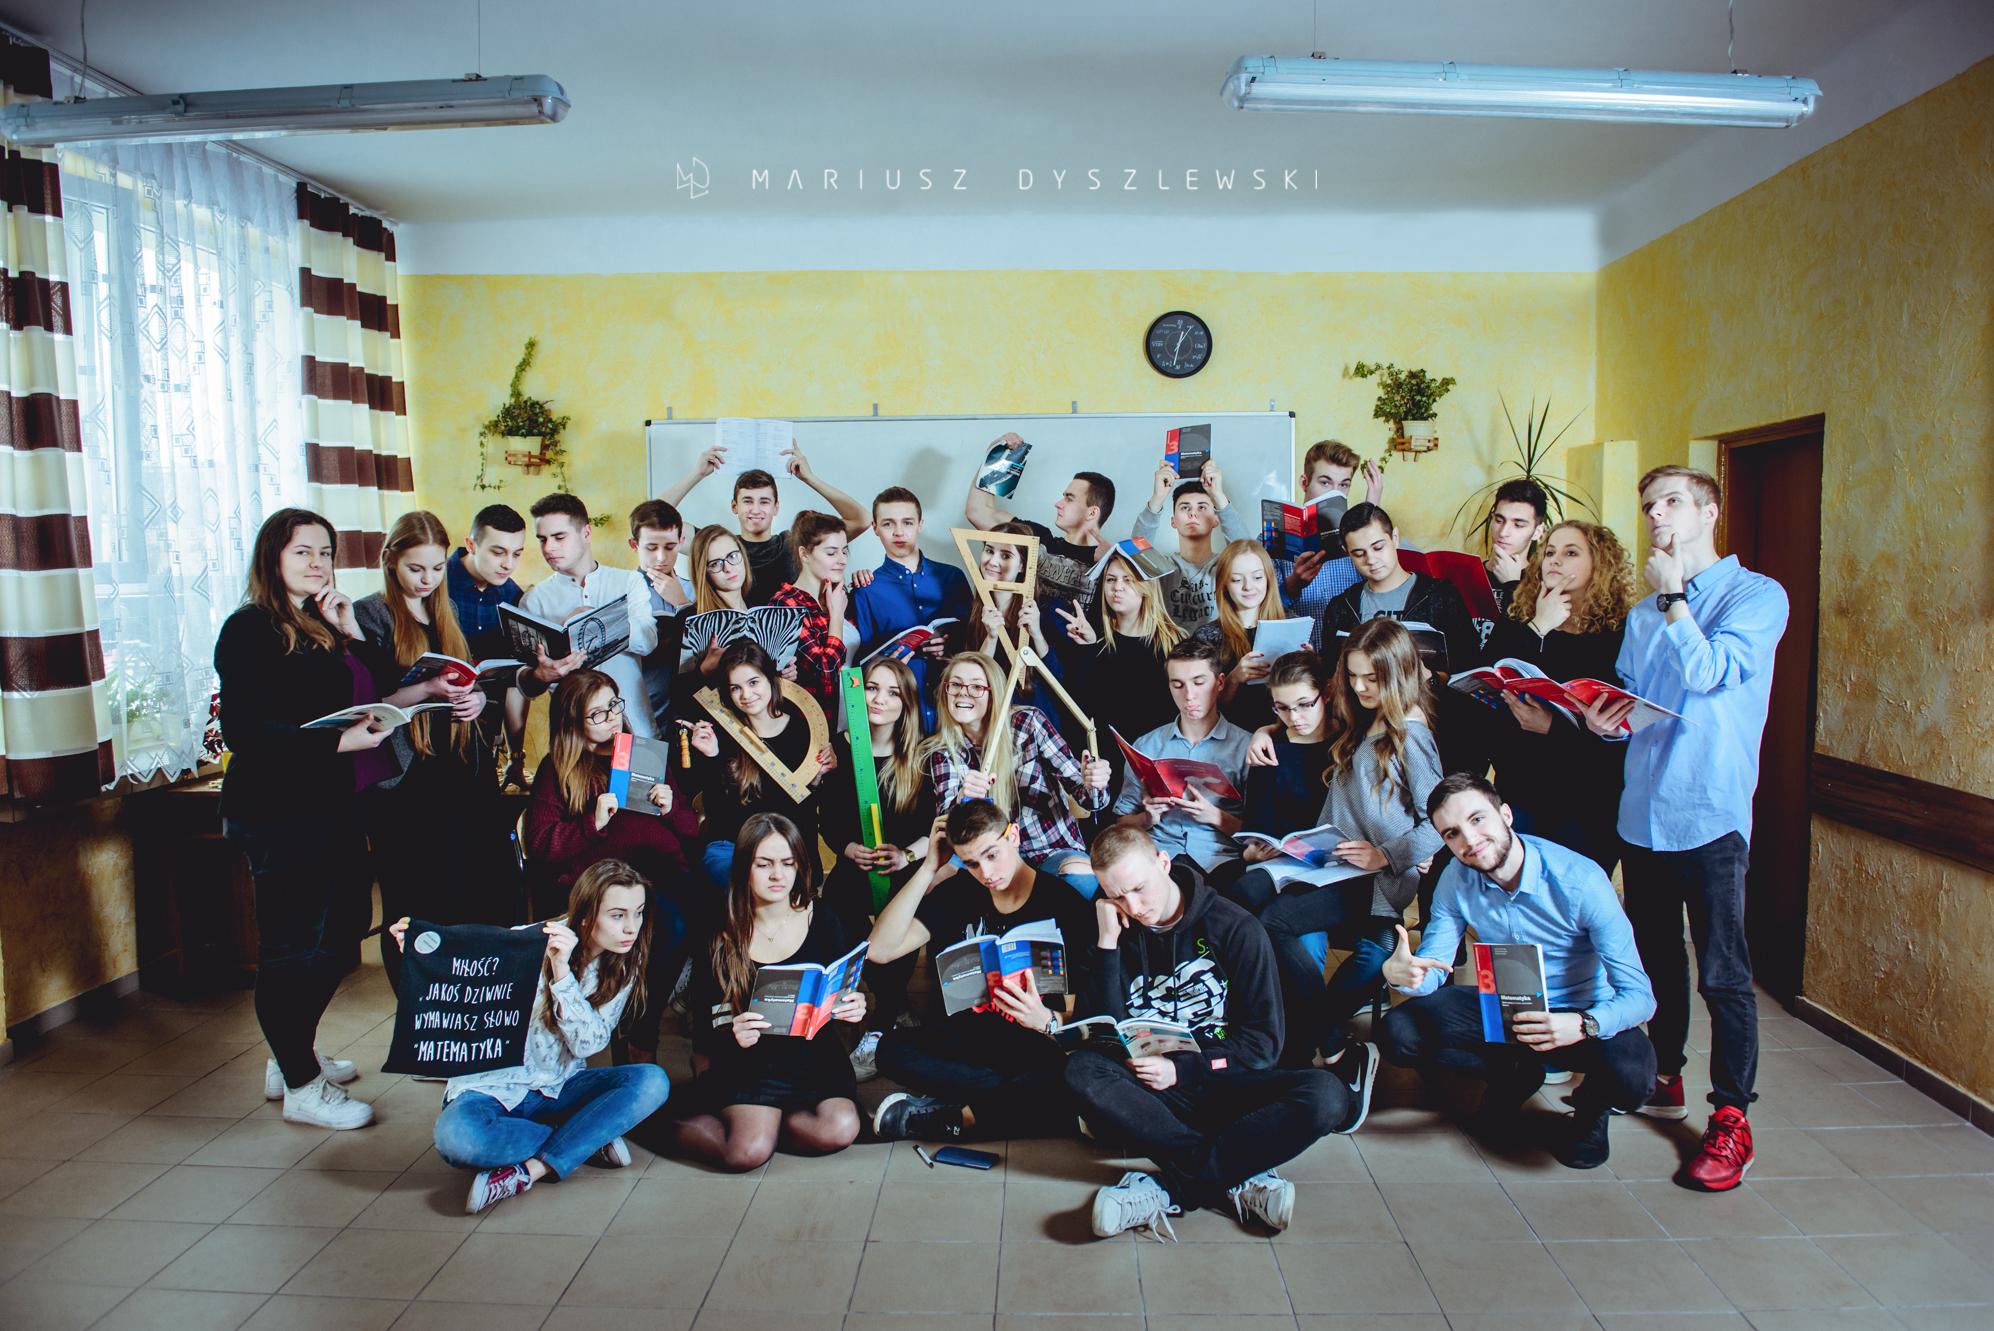 studniowka_jachowicz_sesja_klasowa_mariusz_dyszlewski